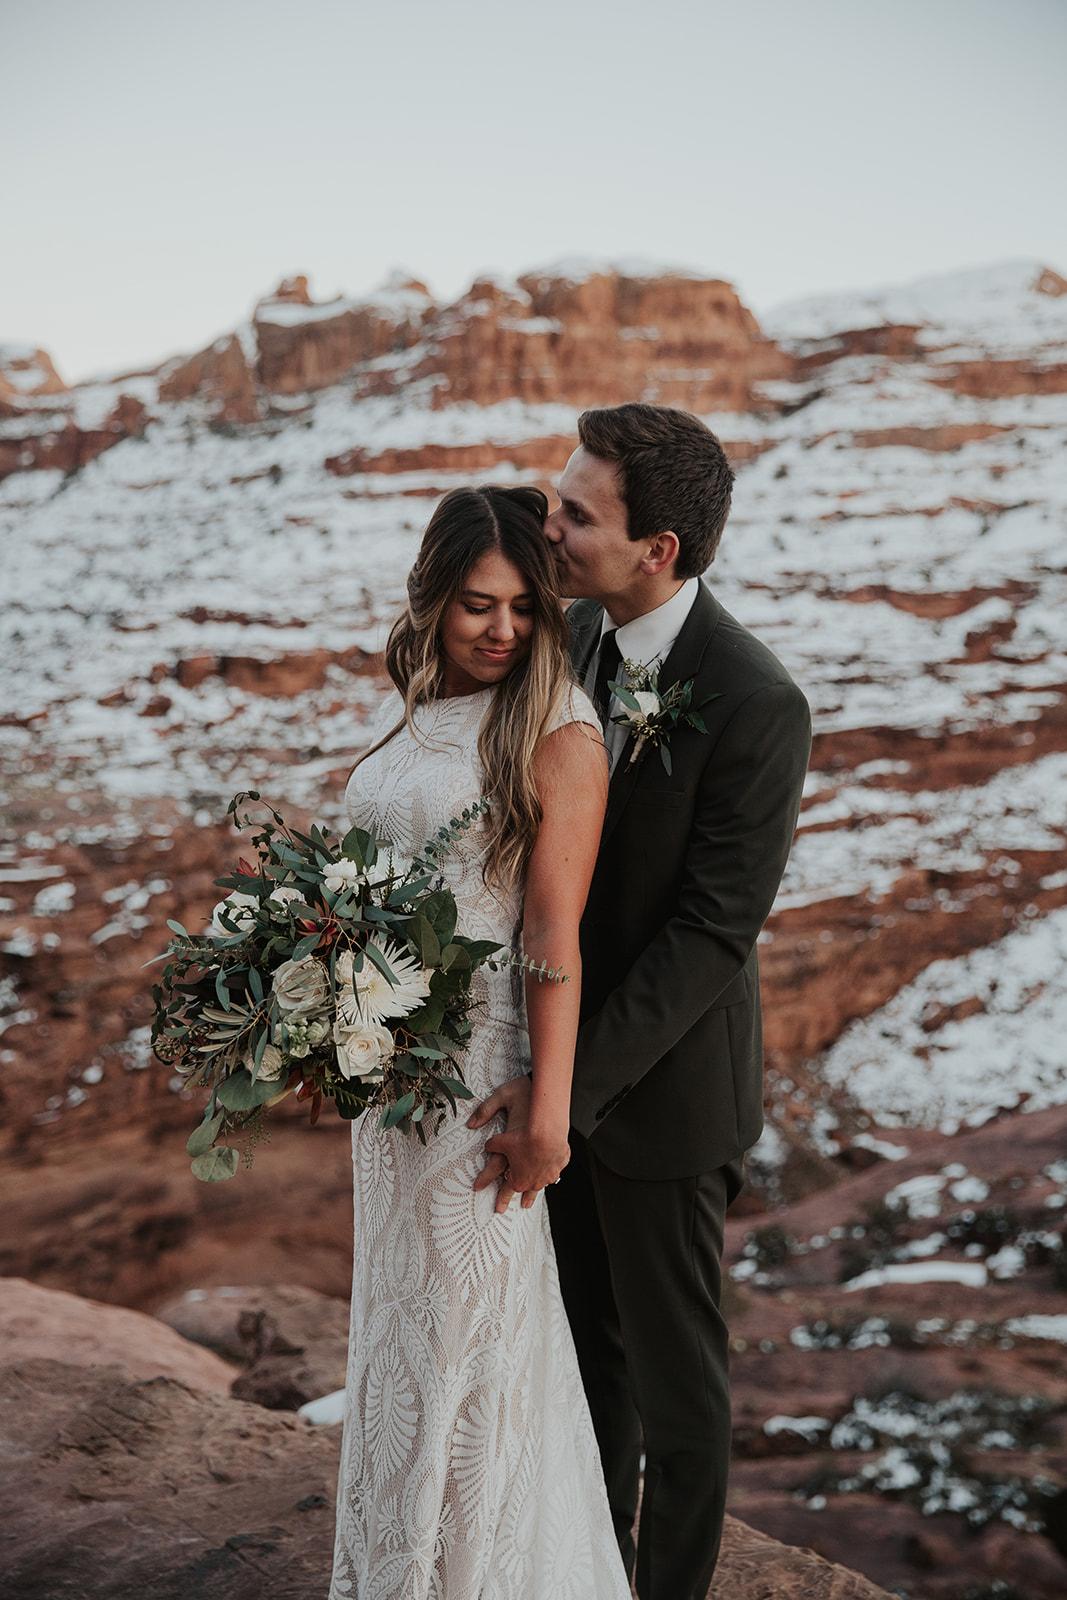 jamie+weston bridals-242.jpg